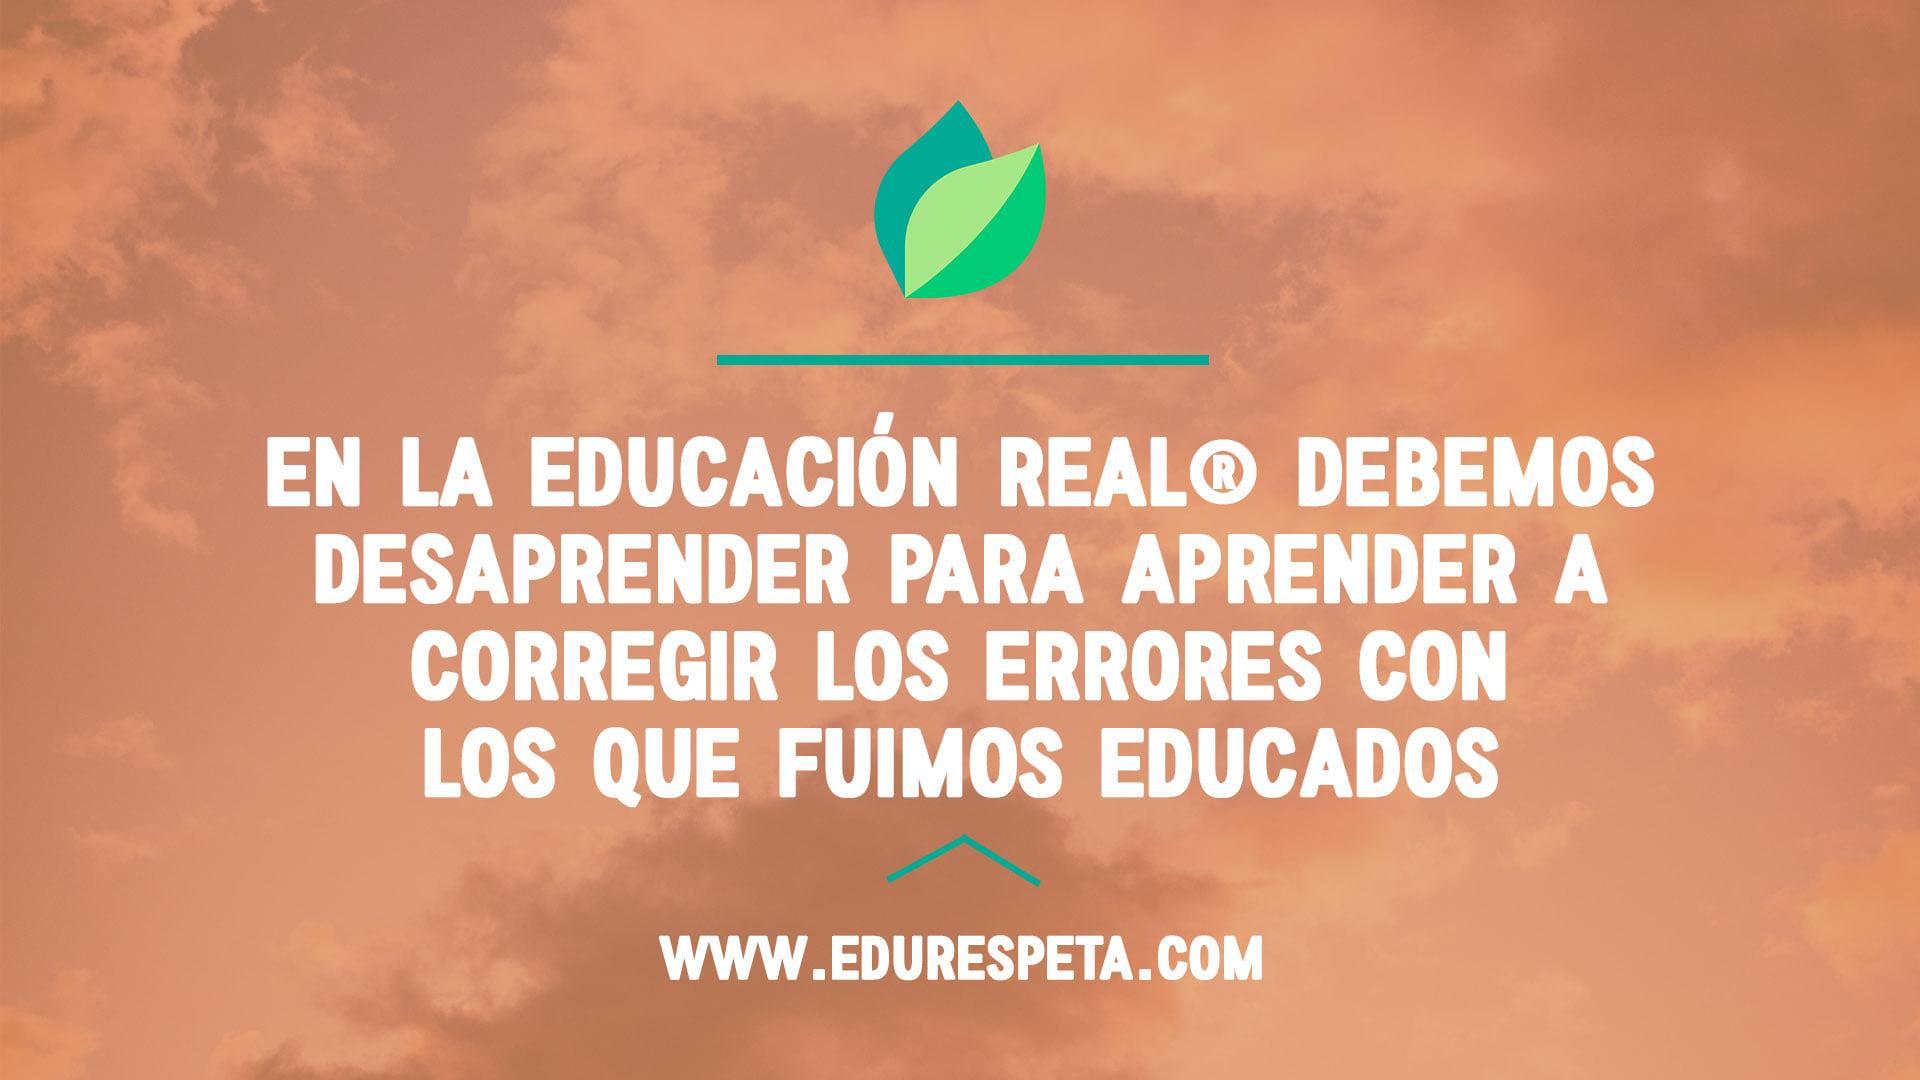 En la Educación Real debemos desaprender para aprender a corregir los errores con los que fuimos educados